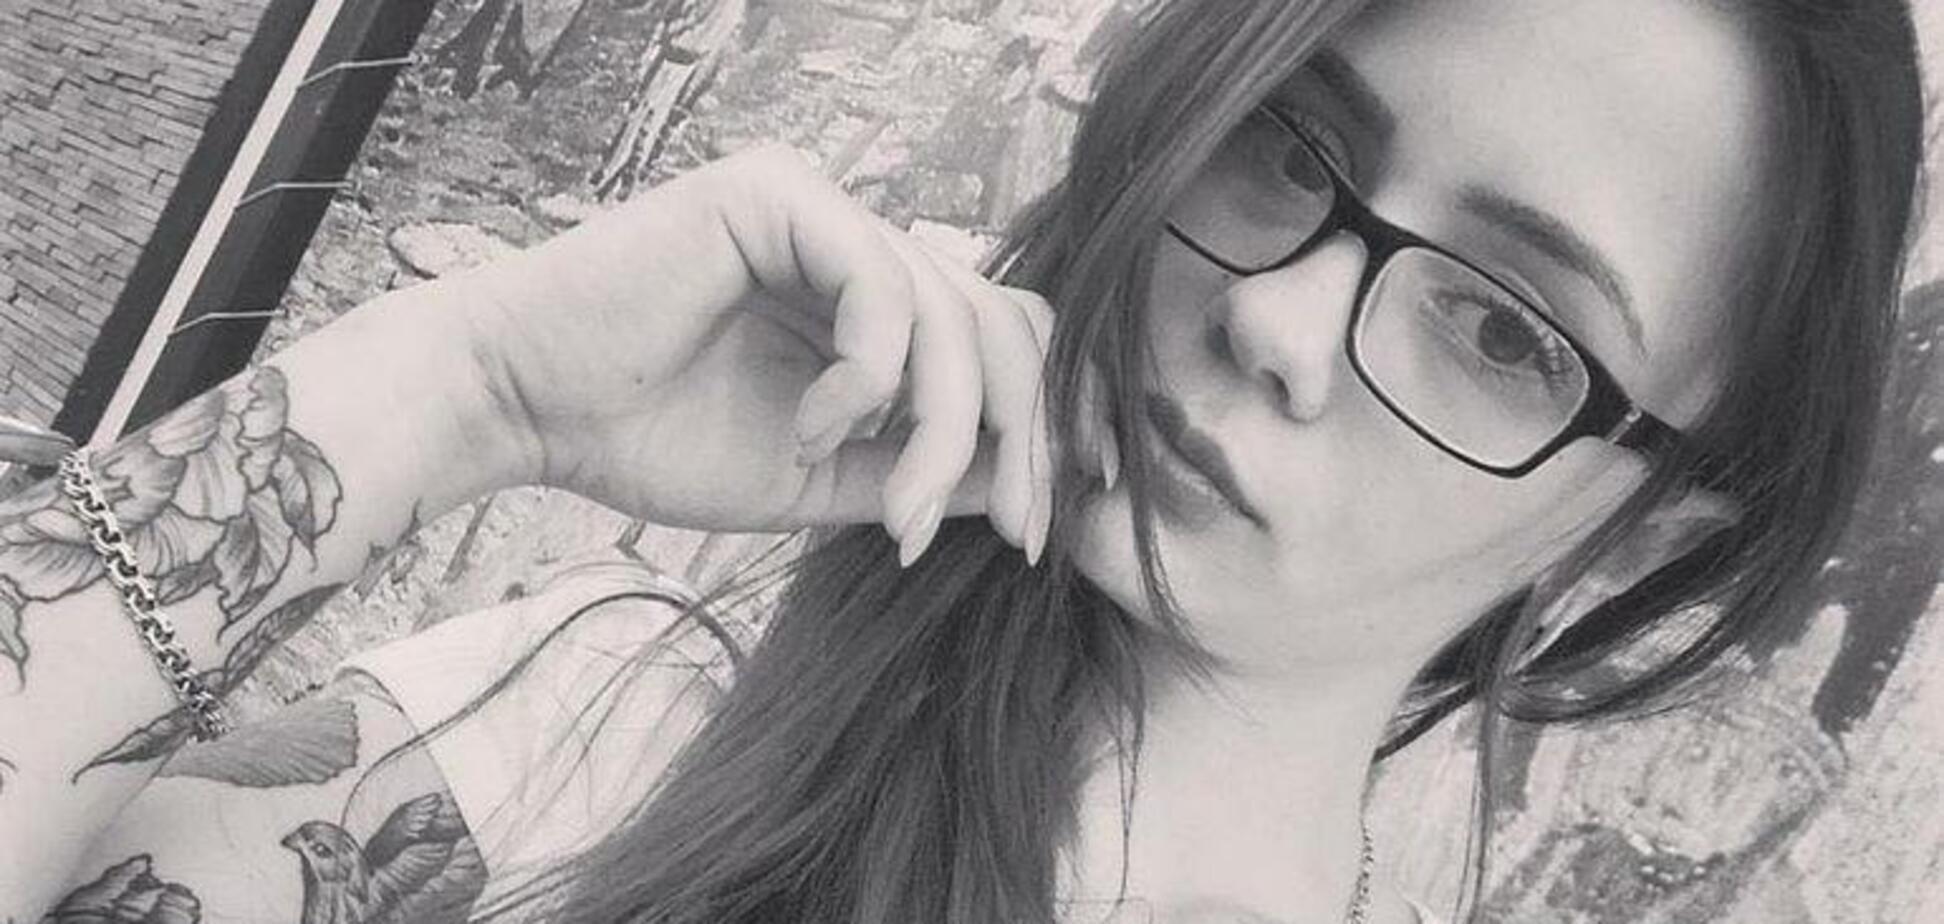 Вбивство студентки під Житомиром: затримано підозрюваного